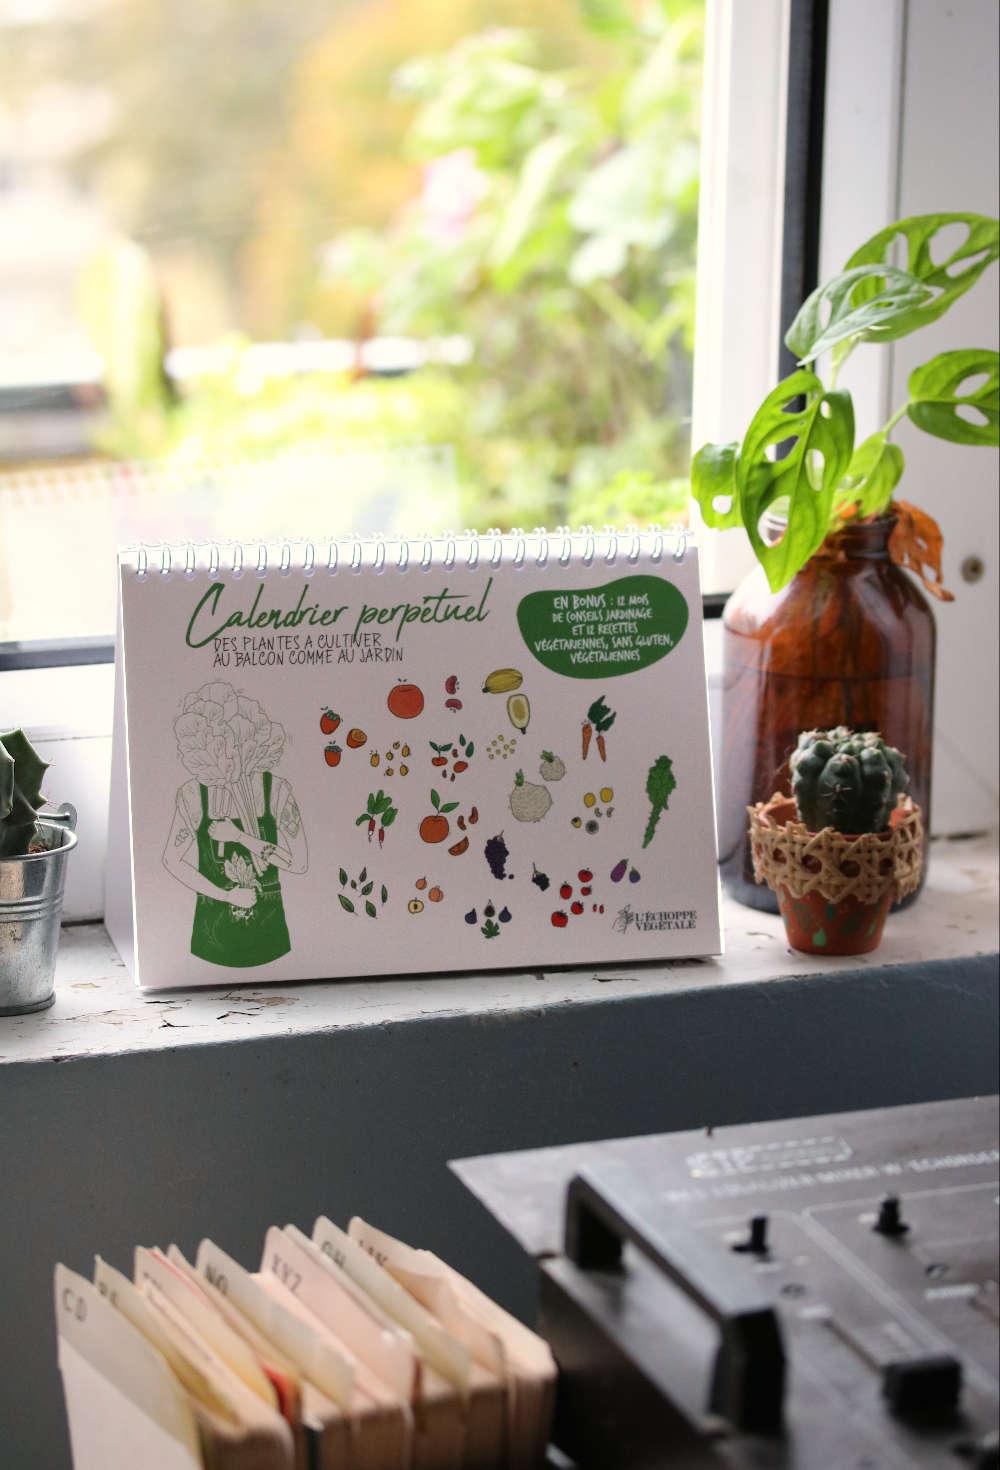 Legumes A Mettre Dans Le Jardin calendrier du potager pour jardinier urbain - echoppe végétale